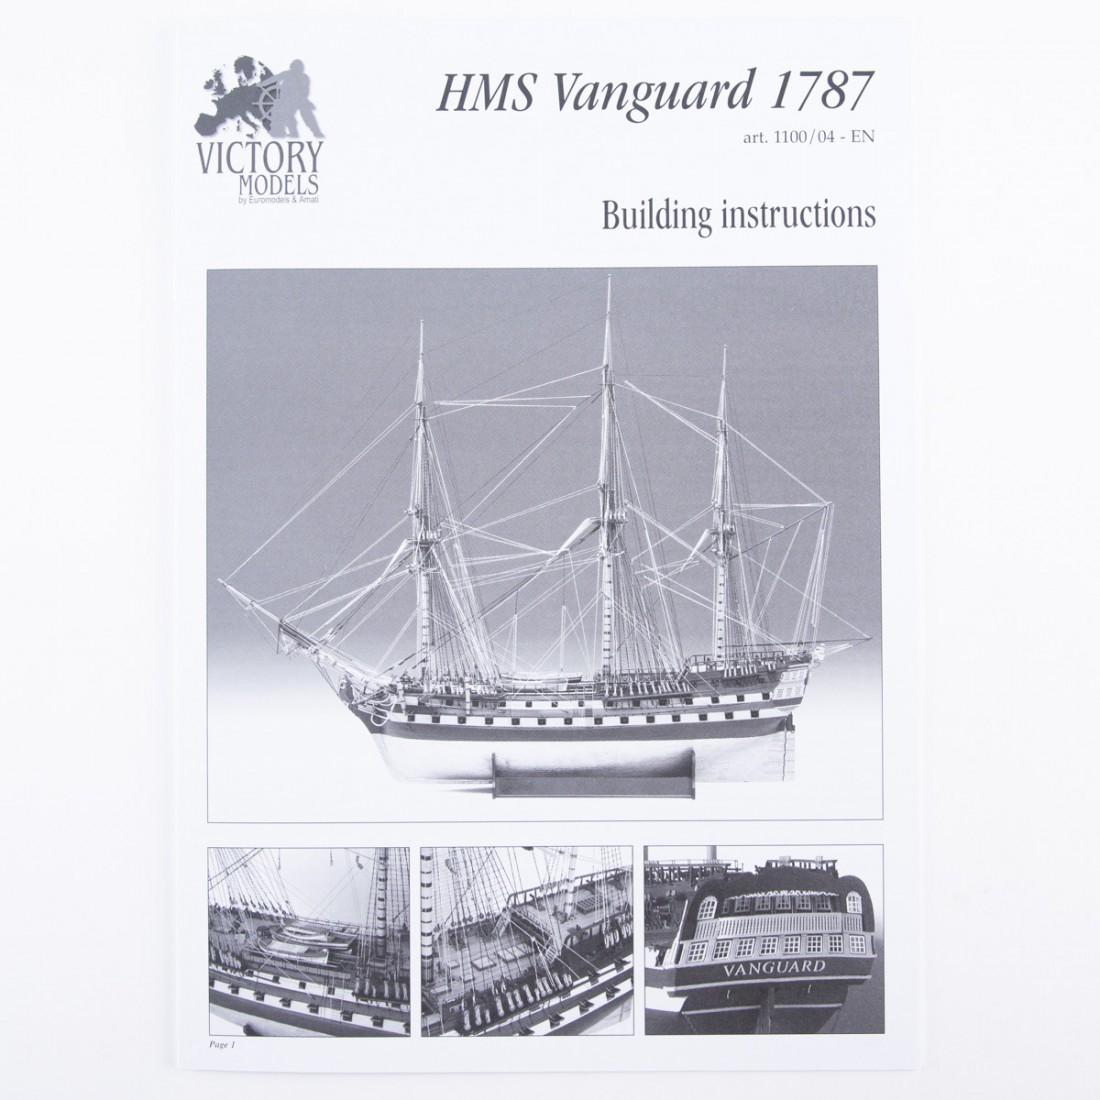 Piano costruzione Vanguard